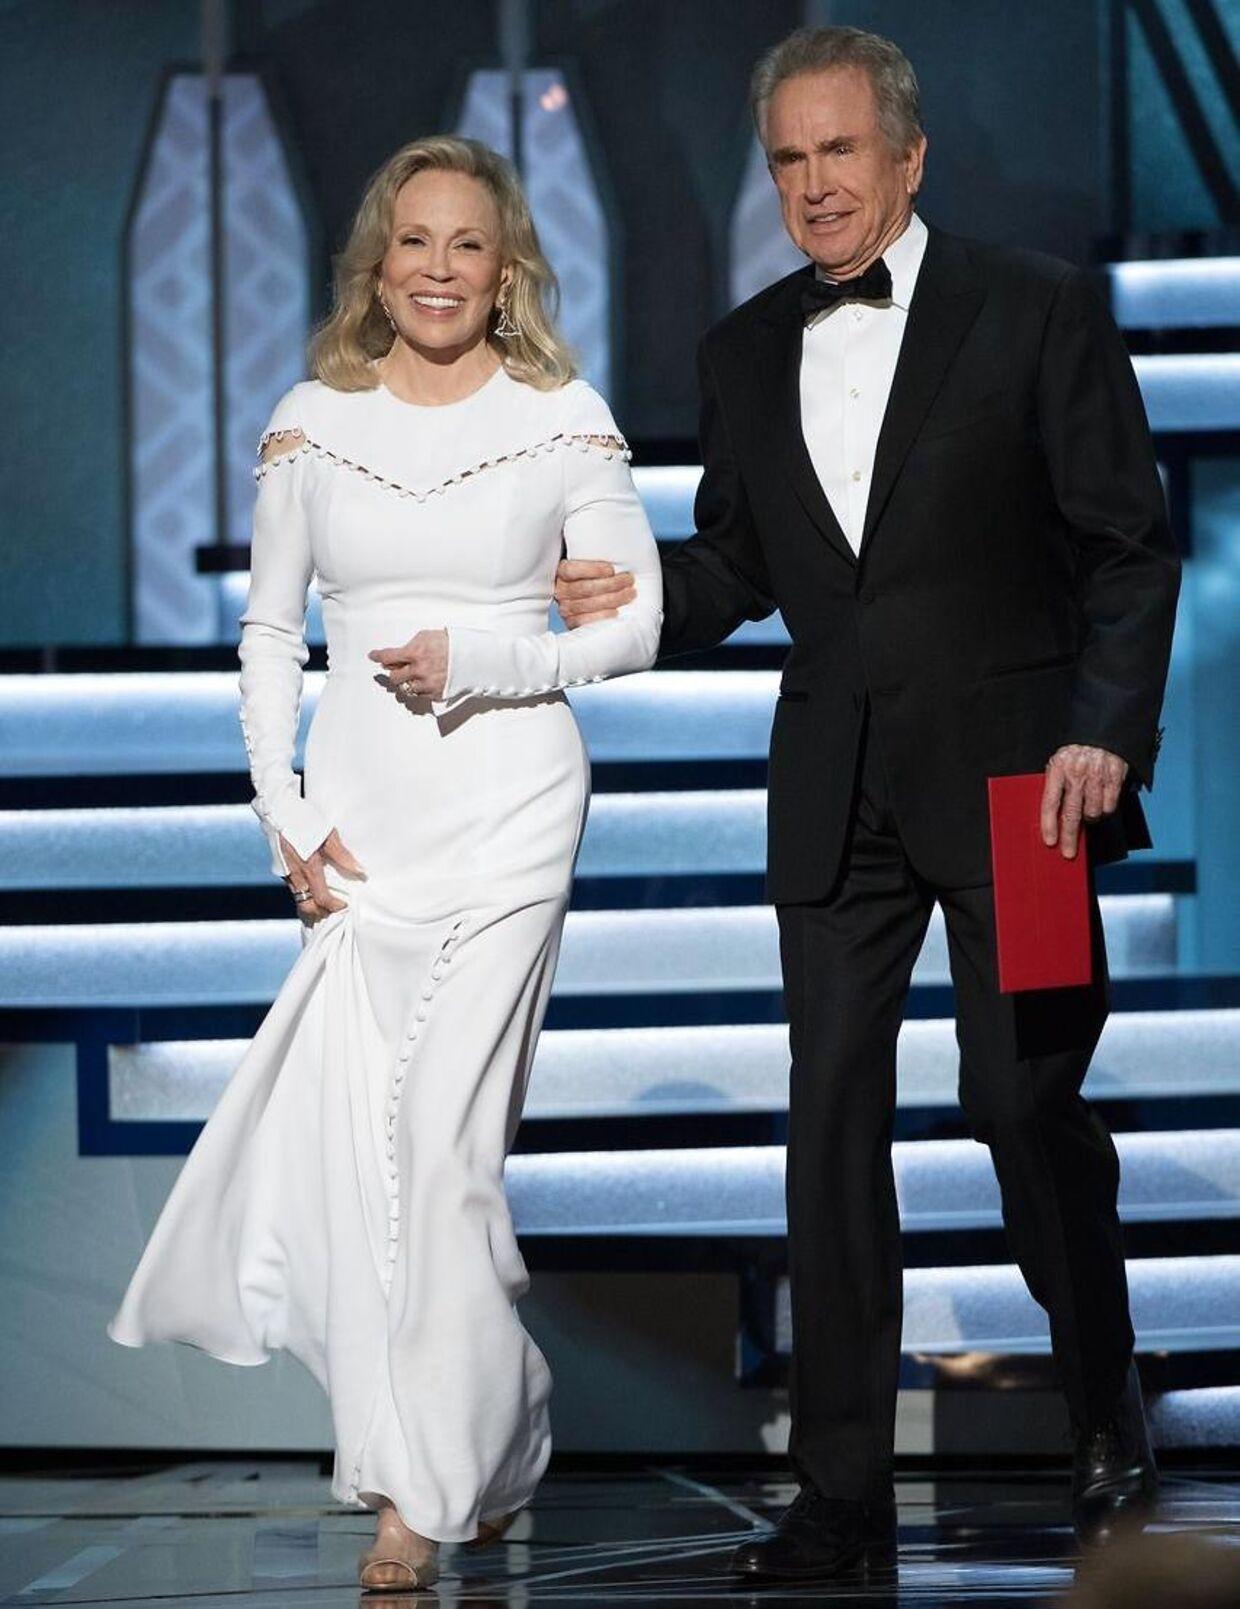 Faye Dunaway og Warren Beatty kom i 2017 til at udnævne den forkerte vinder for 'Bedste Film'. I stedet for filmen 'Moonlight' kom de til at sige 'La La Land'. EPA/AARON POOLE / AMPAS THE IMAGE MAY NOT BE ALTERED AND IS FREE FOR EDITORIAL USE ONY IN REPORTING ABOUT THE EVENT. ONE TIME USE ONLY. MANDATORY CREDIT. HANDOUT EDITORIAL USE ONLY/NO SALES HANDOUT EDITORIAL USE ONLY/NO SALES HANDOUT EDITORIAL USE ONLY/NO SALES